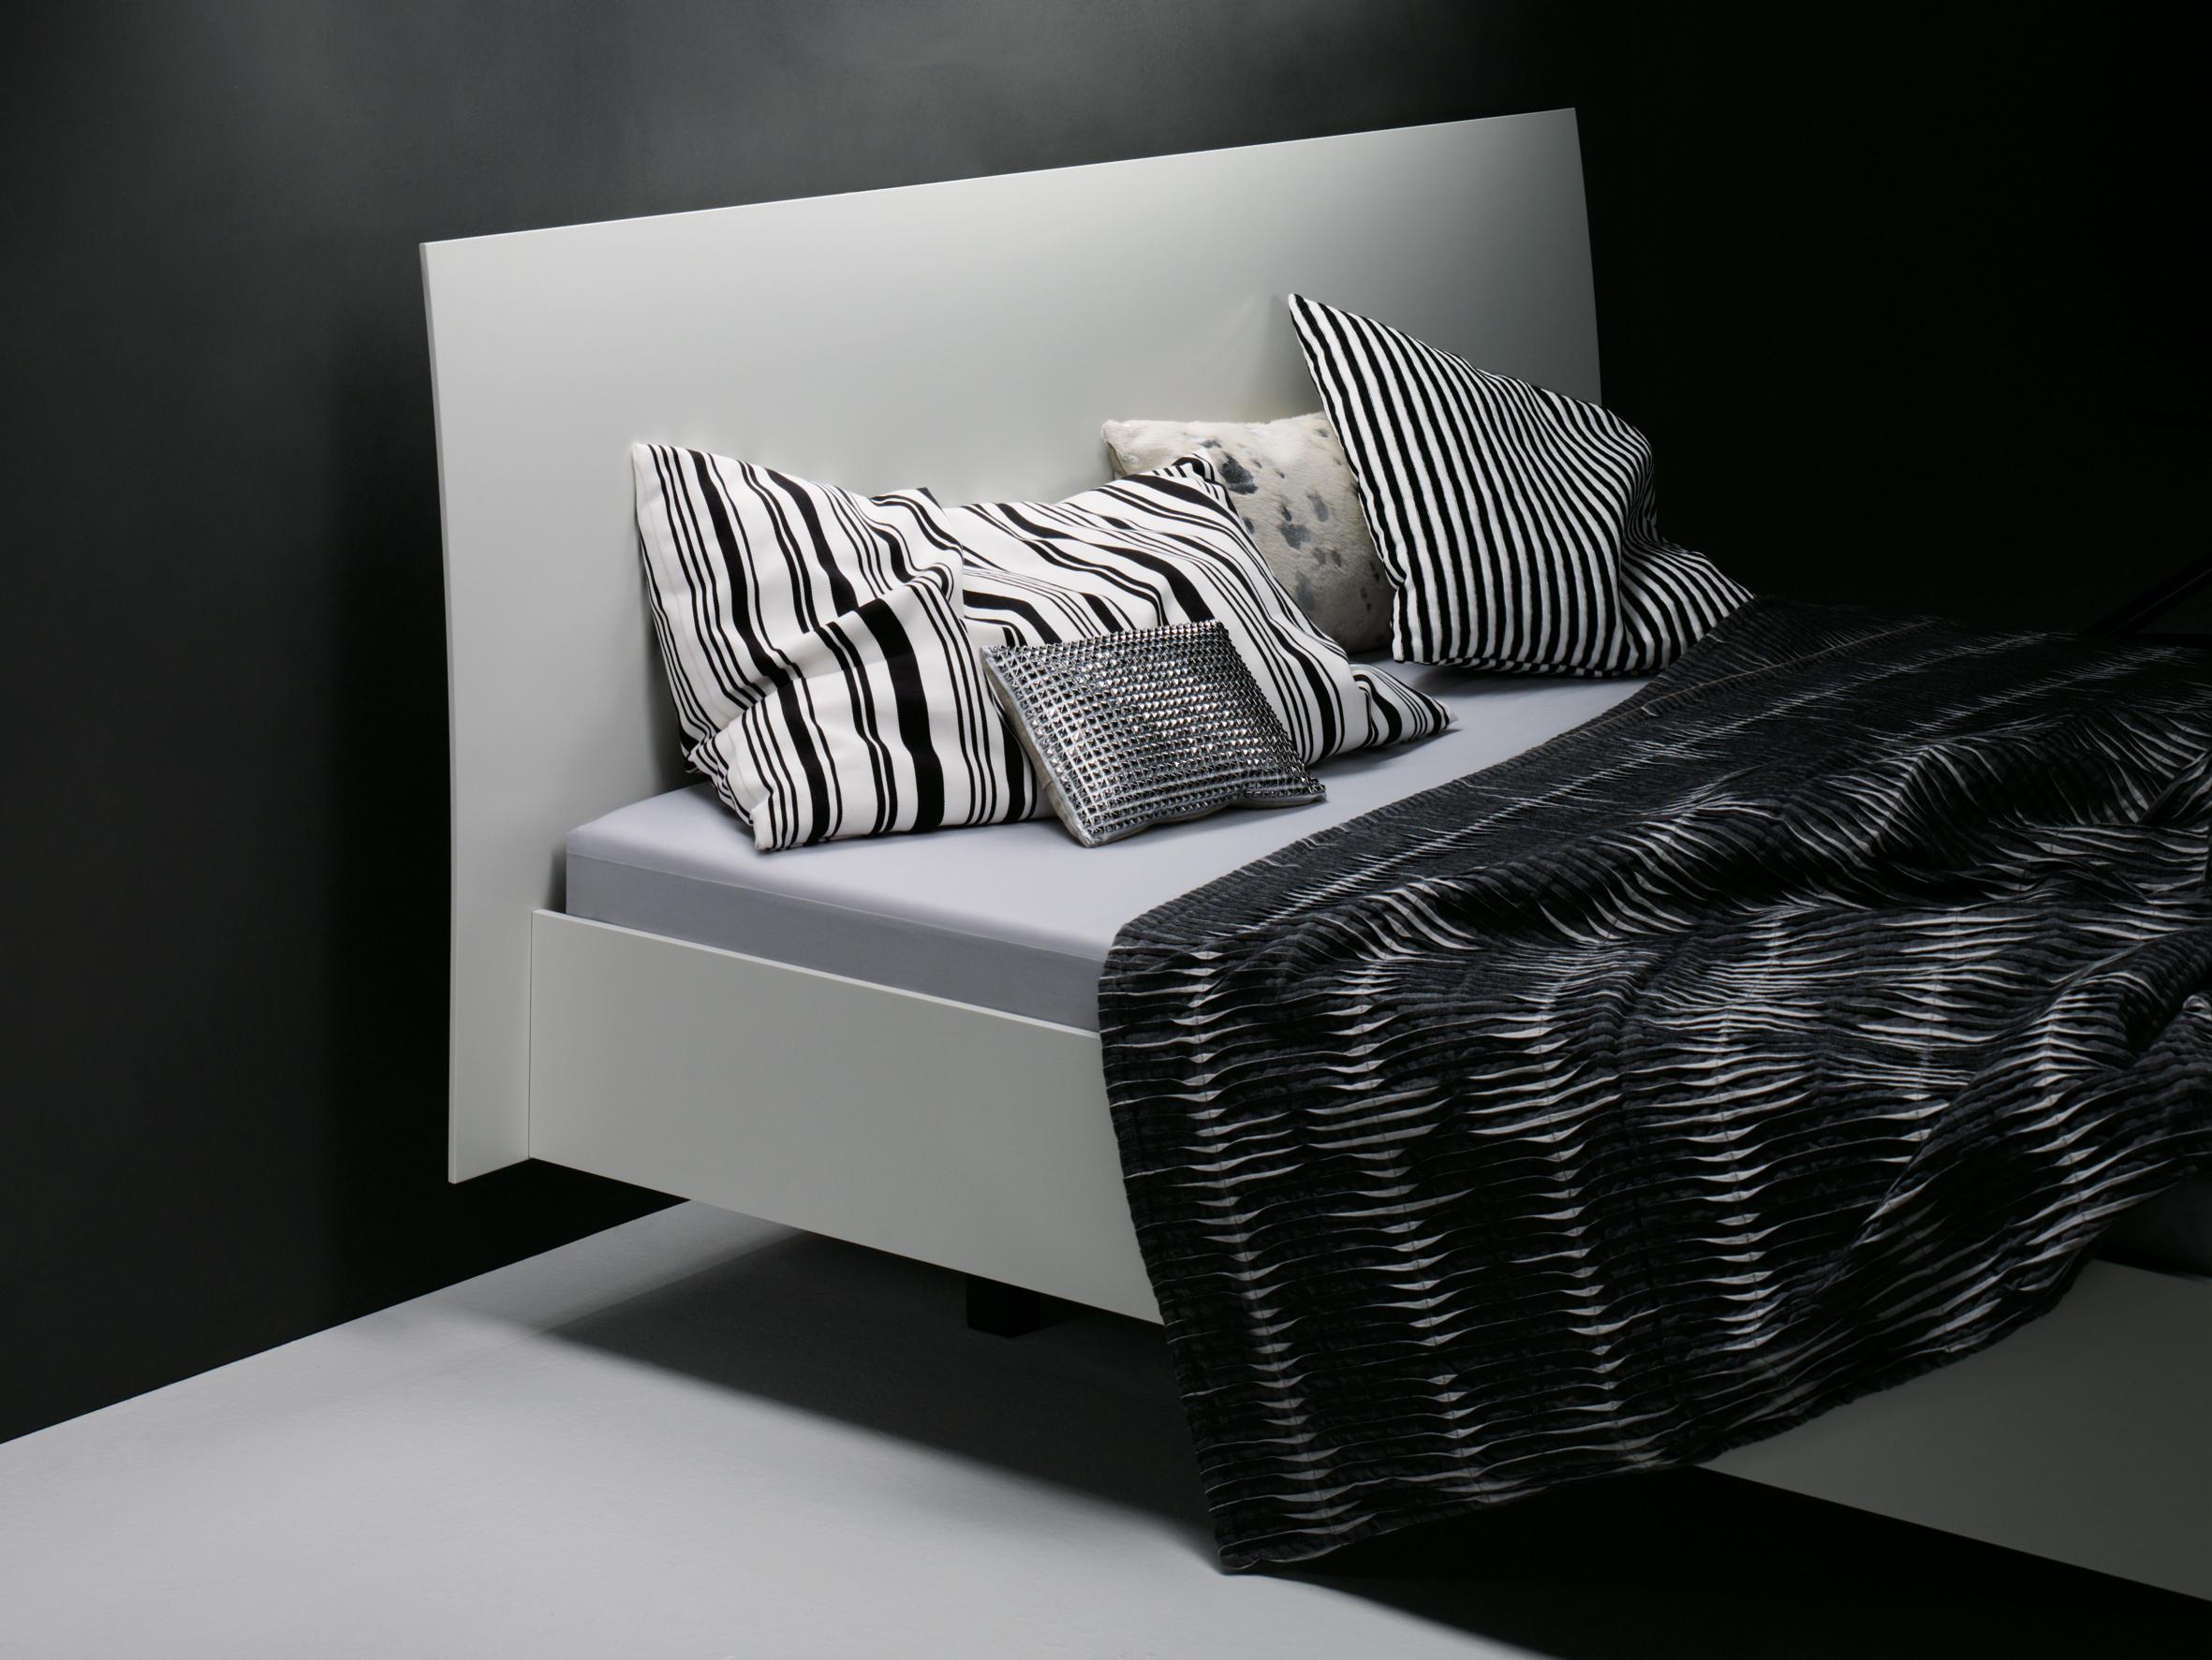 nocto plus doppelbetten von interl bke architonic. Black Bedroom Furniture Sets. Home Design Ideas